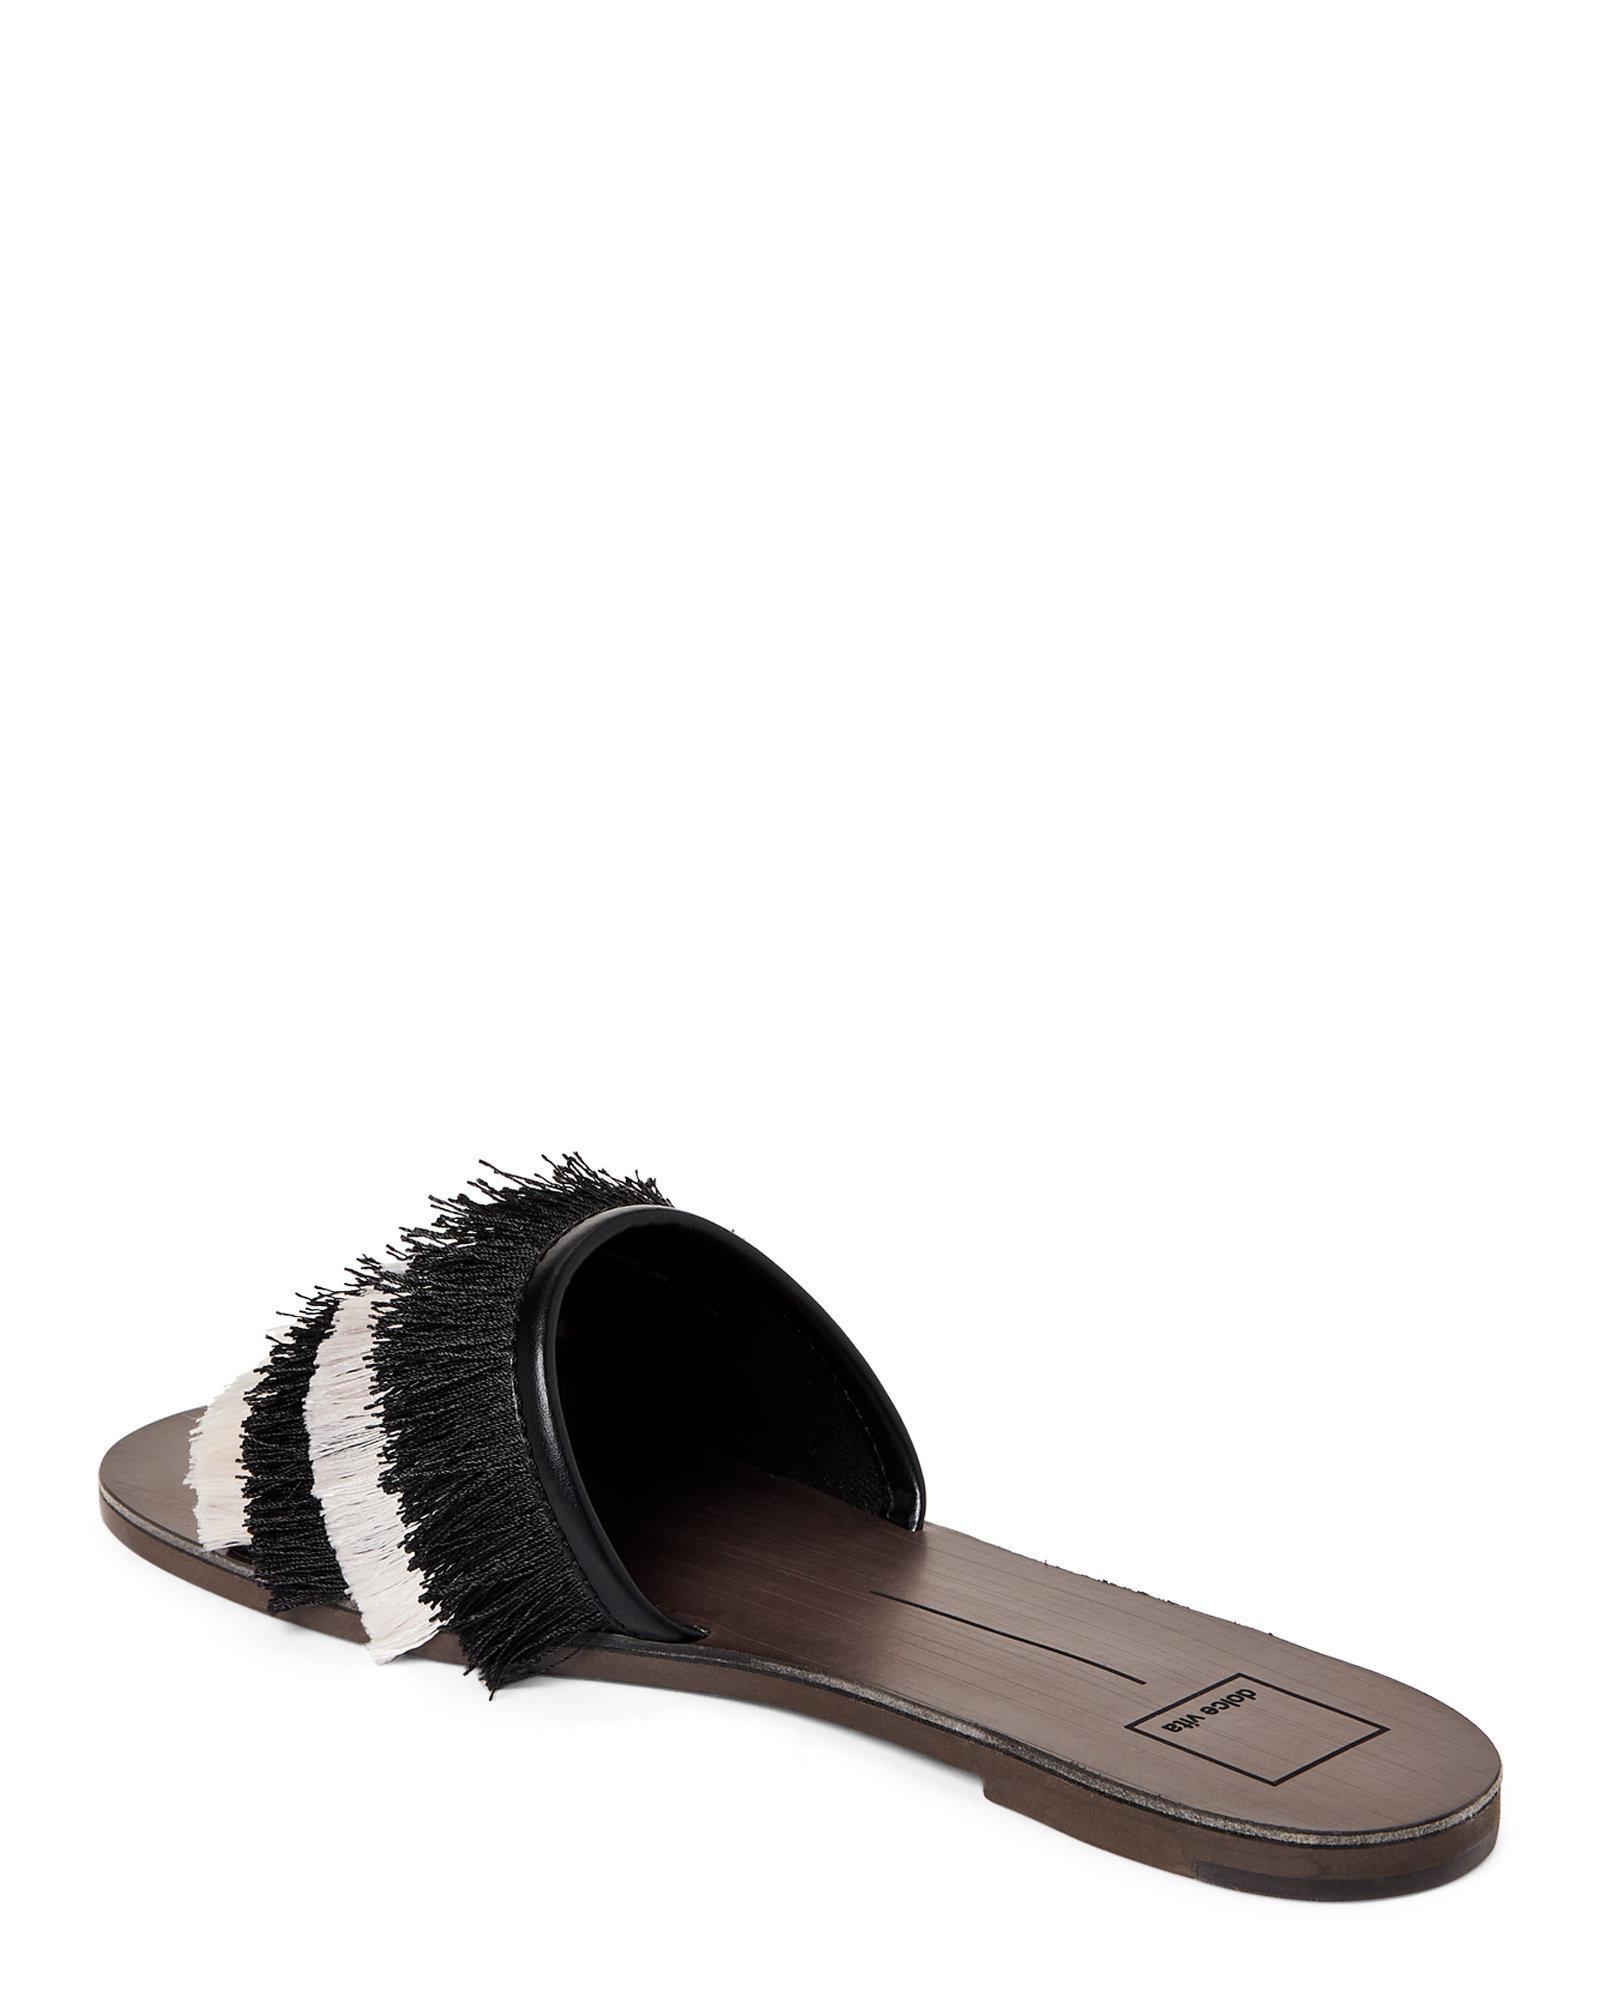 1761e770d20 Lyst - Dolce Vita Black   White Celaya Fringe Slide Sandals in Black